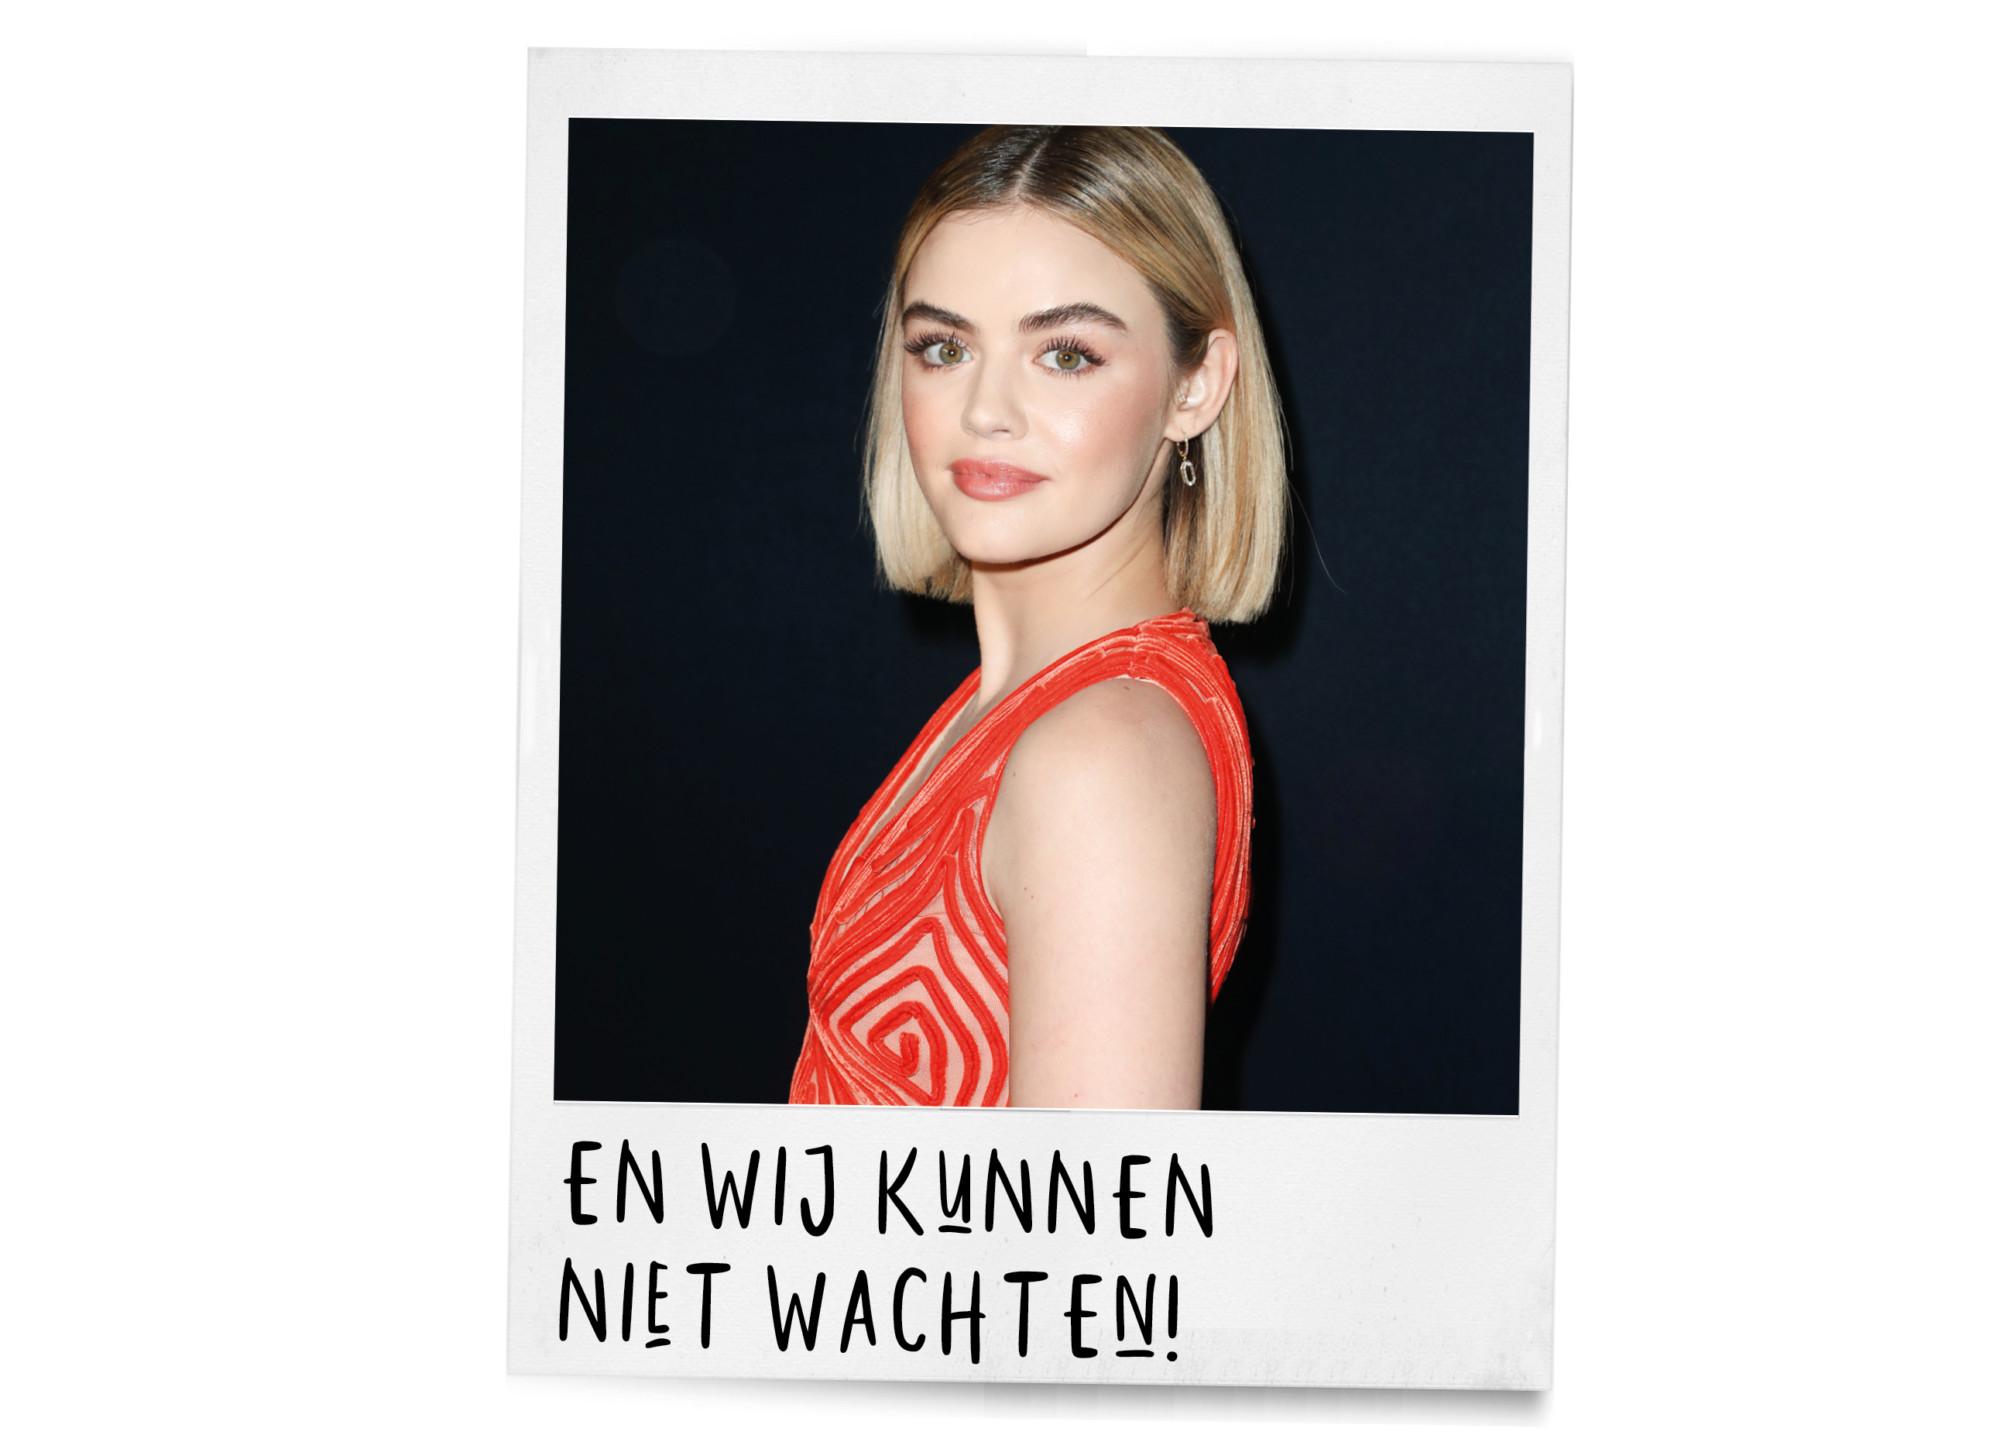 polaroid lucy hale met blond haar in een boblijn en rode jurk aan tekst en wij kunnen niet wachten